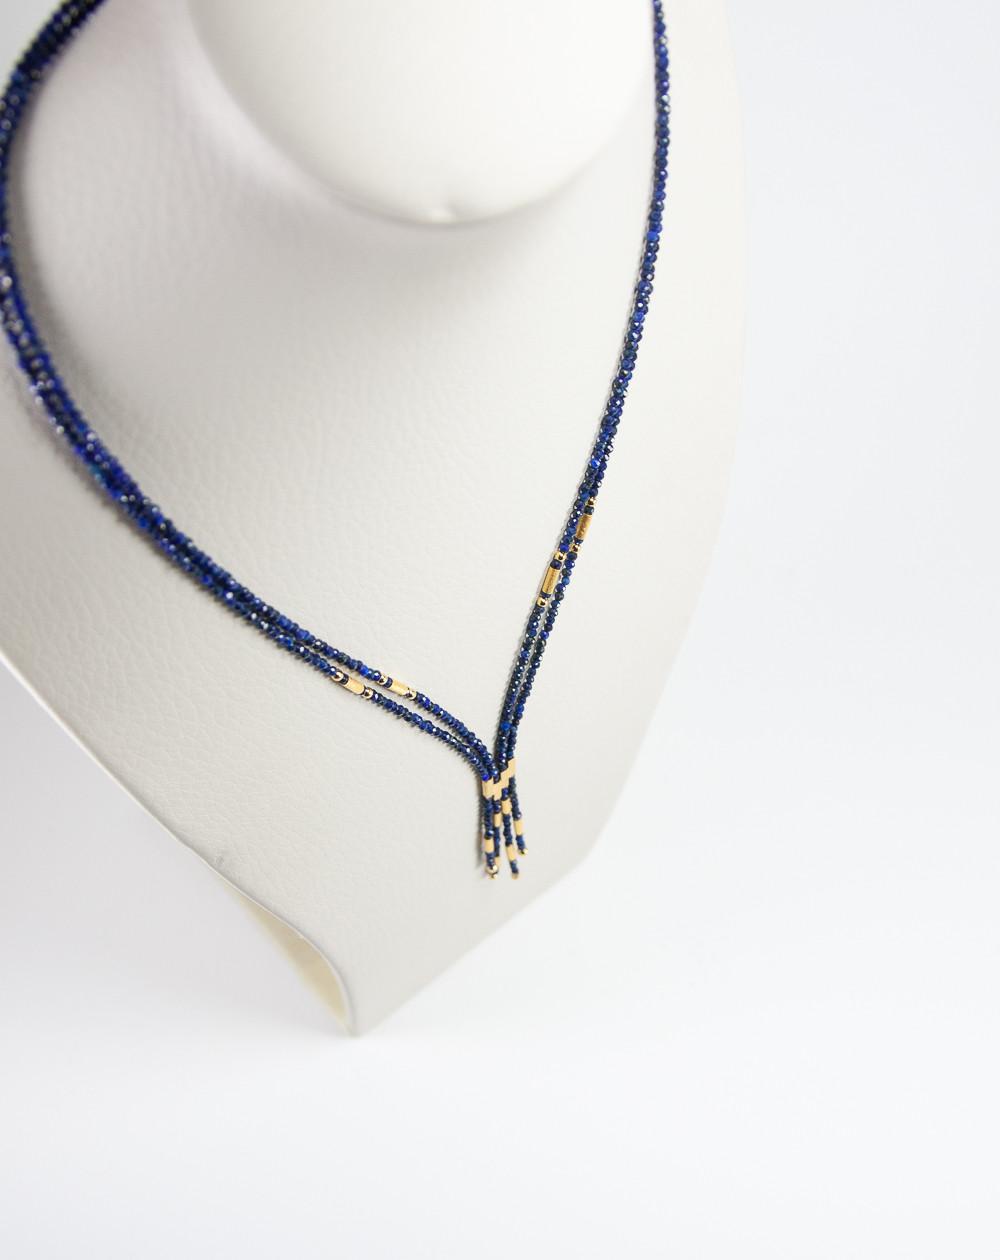 Collier épure en Lapis Lazuli, Sanuk Création